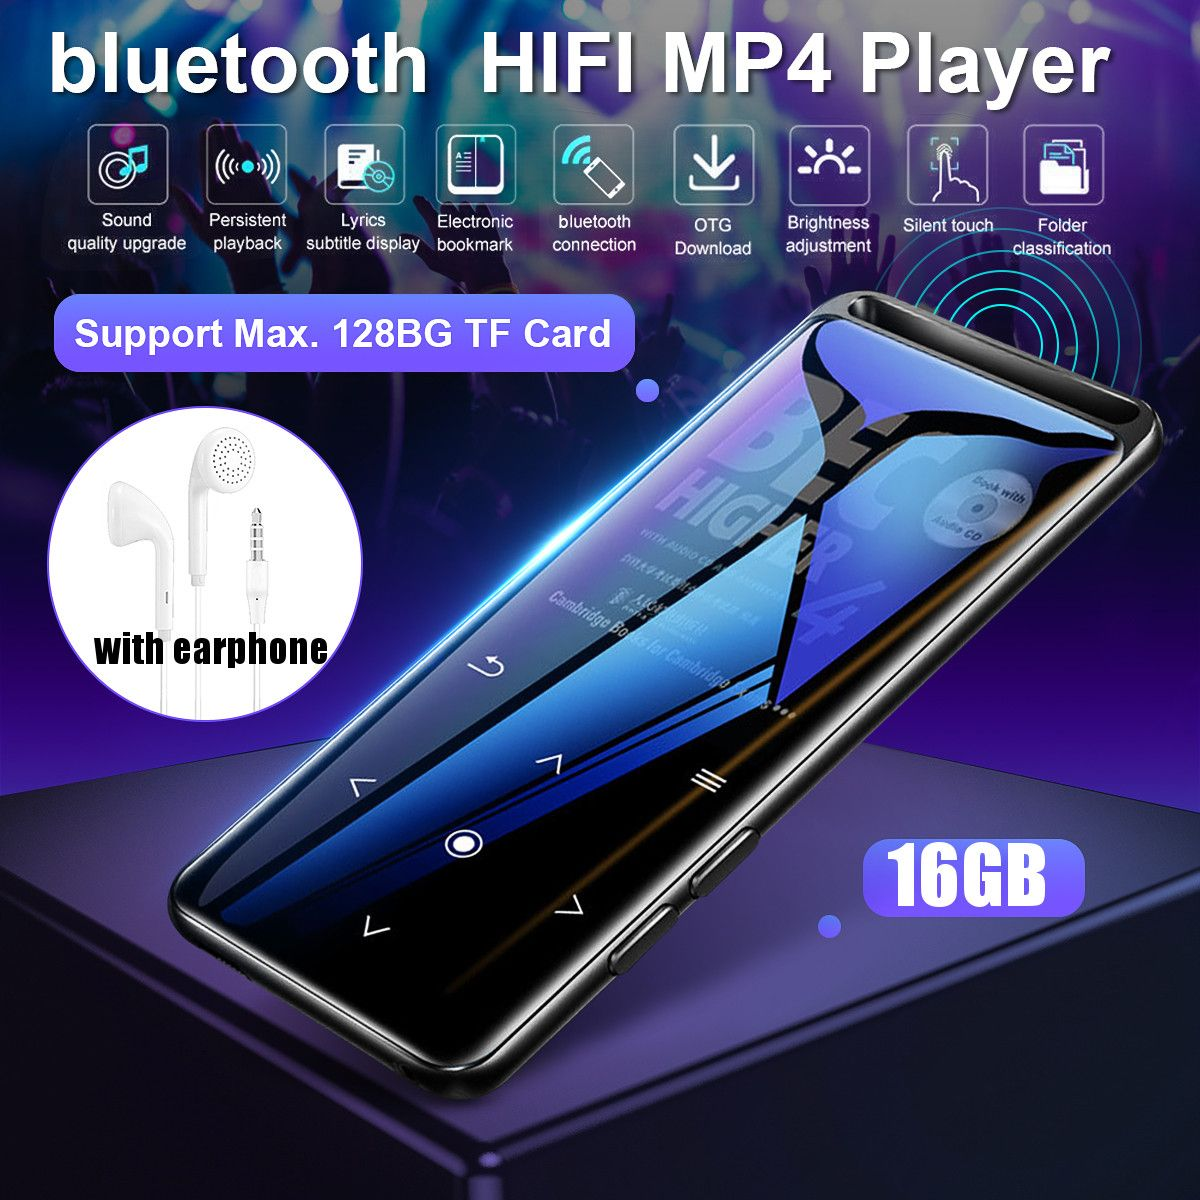 16gb bluetooth mp3 player fones de ouvido de alta fidelidade rádio fm mini usb mp3 esportes mp 4 players música portátil alta fidelidade gravador gravação voz Reprodutor de MP3    -